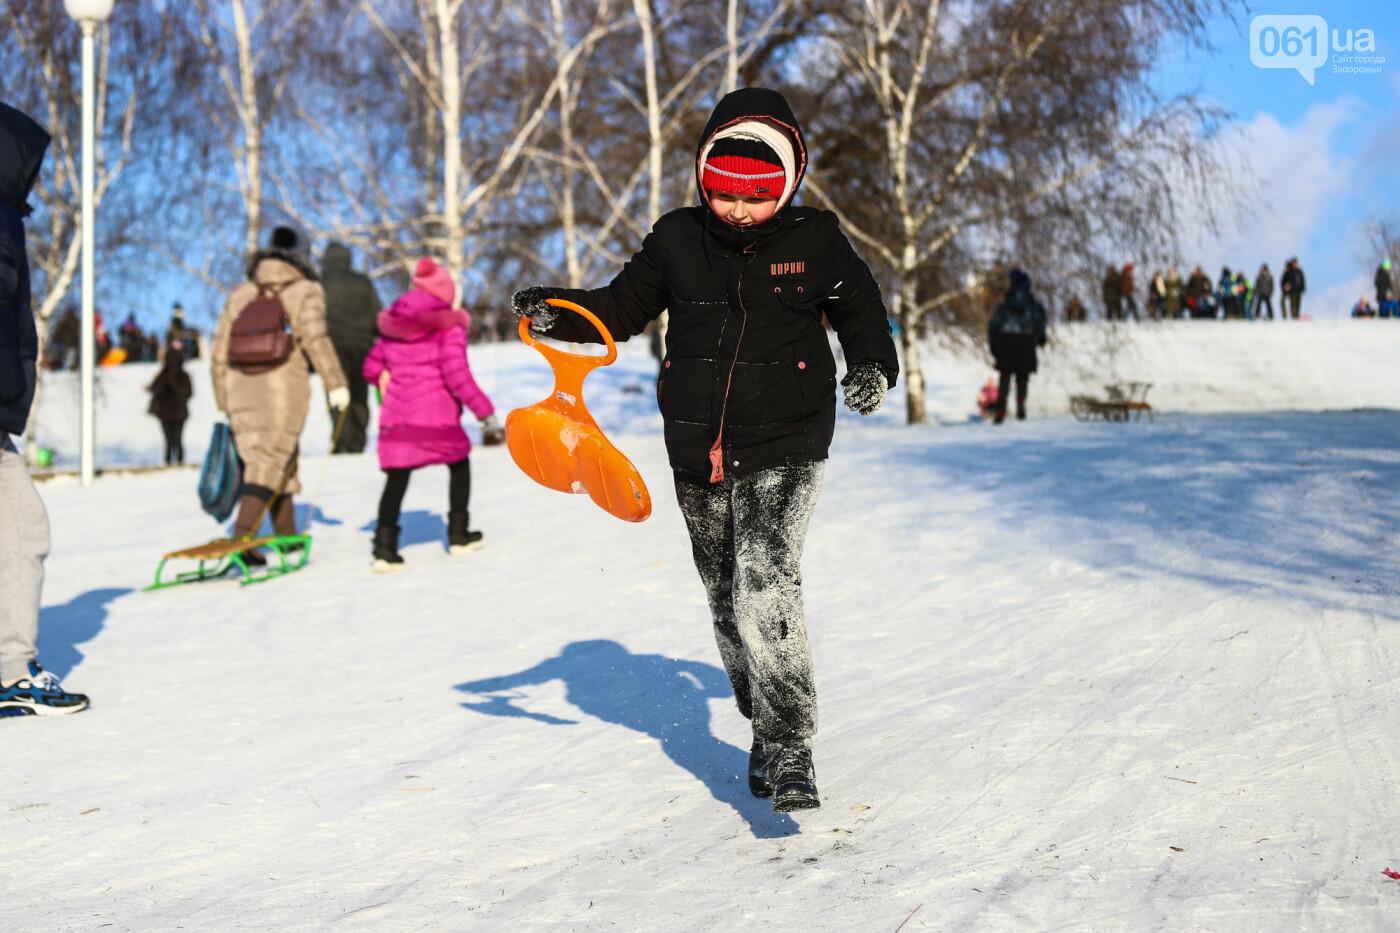 На санках, лыжах и сноуборде: запорожцы устроили массовое катание с горок в Вознесеновском парке, - ФОТОРЕПОРТАЖ, фото-32